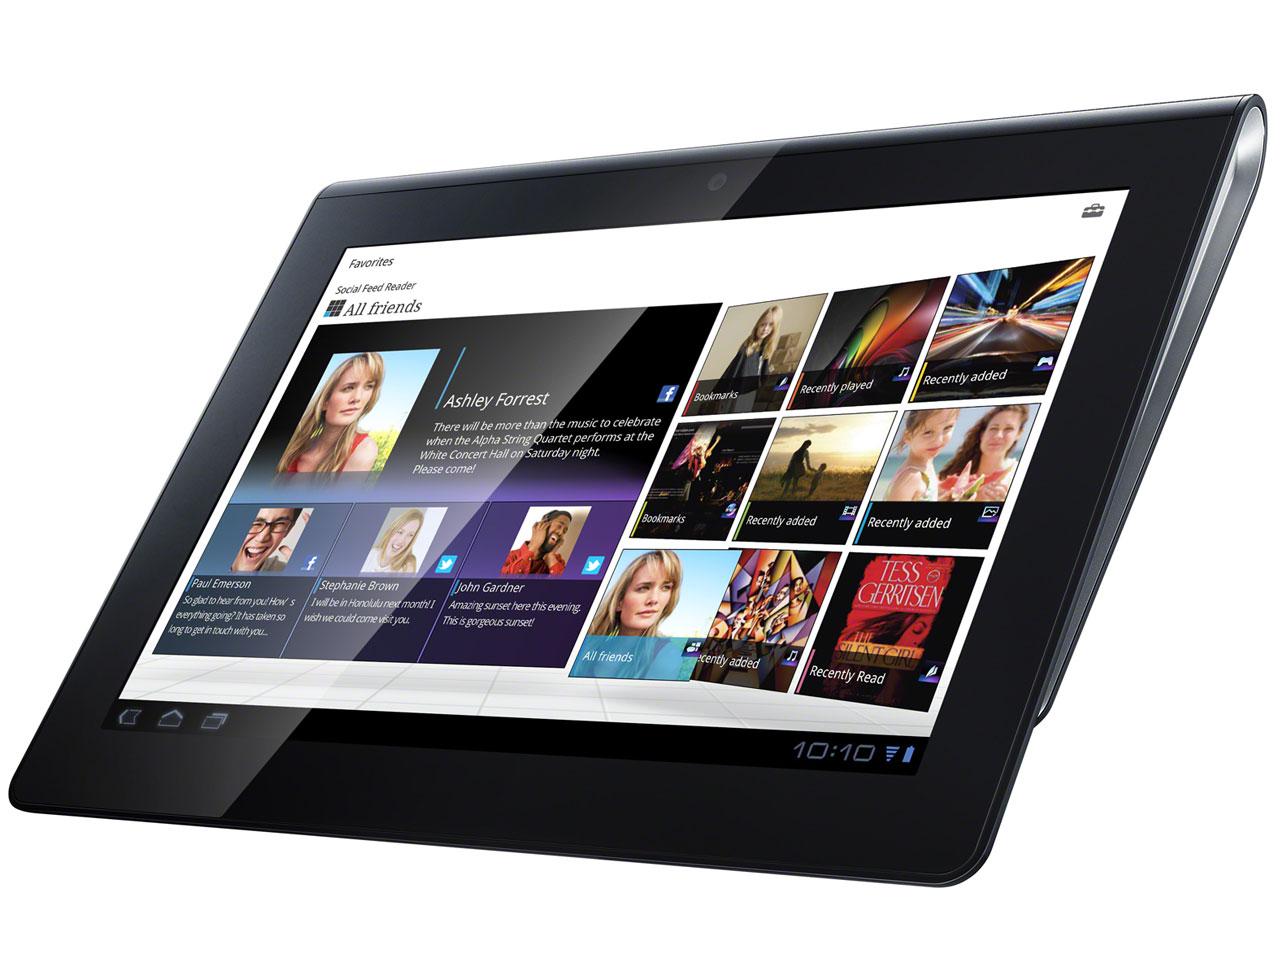 [中古 Dランク] SONY Tablet S SGPT111JP ブラック 本体のみ 【白ロム】【タブレット】【スーパーセール限定価格!6/21 01:59まで】